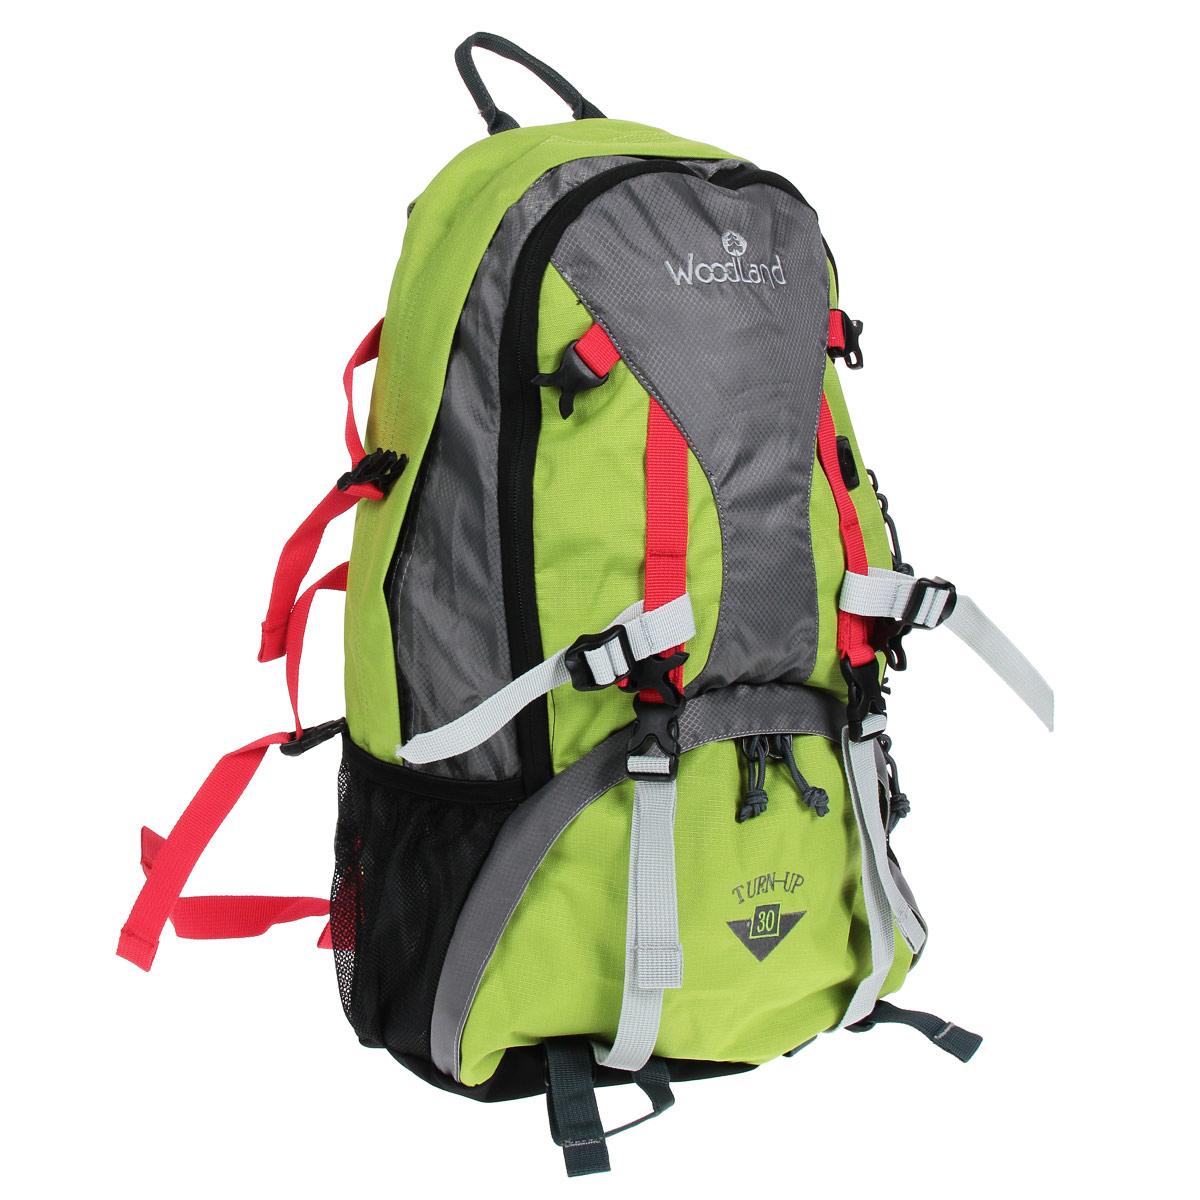 Рюкзак WoodLand Turn-Up 30, цвет: зеленый, серый13392-462-00Рюкзак WoodLand Turn-Up 30 будет вашим верным спутником в ежедневных поездках. Функциональный дизайн приятно удивит вас. Бесчисленные карманы, в том числе, встроенный органайзер, помогут удобно разместить необходимые вещи. Компрессионные стяжки позволяют регулировать объем и балансировать вес уложенного рюкзака.Особенности рюкзака:Два входа в основное отделение.Диафрагма типа кулиска, перекрывается затягиванием шнура и фиксируется стоппером.Фронтальный карман с органайзером и дополнительным отделением.Кармашки для мелочей в крыльях поясного ремня.S-образные лямки.Грудная стяжка с резиновым компенсатором.Пластиковая фурнитура YKK.